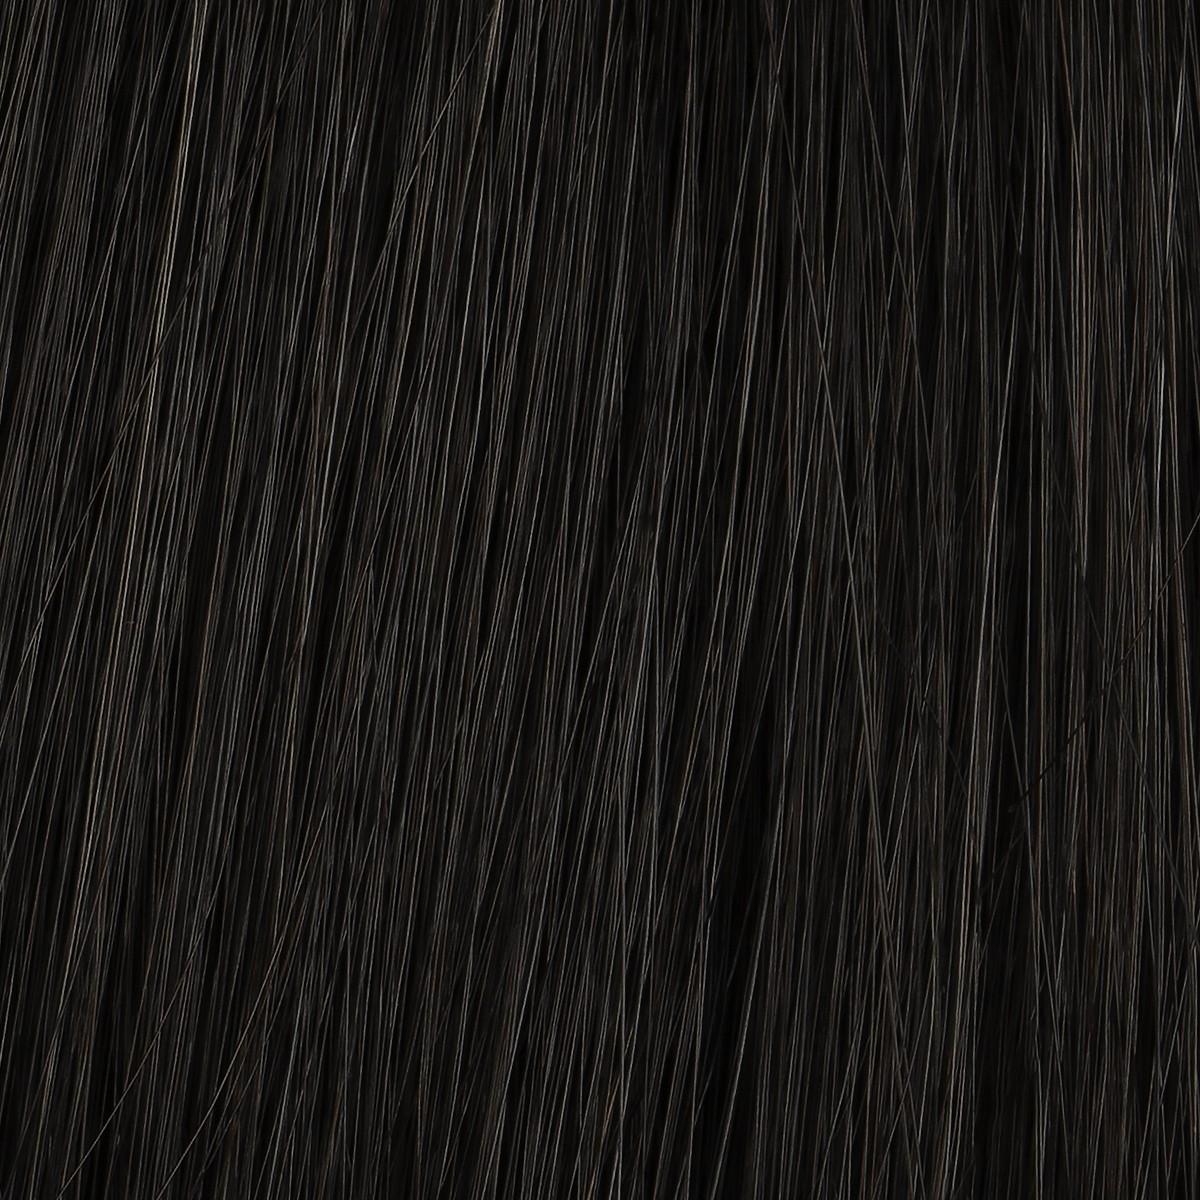 R1HH Black Human Hair